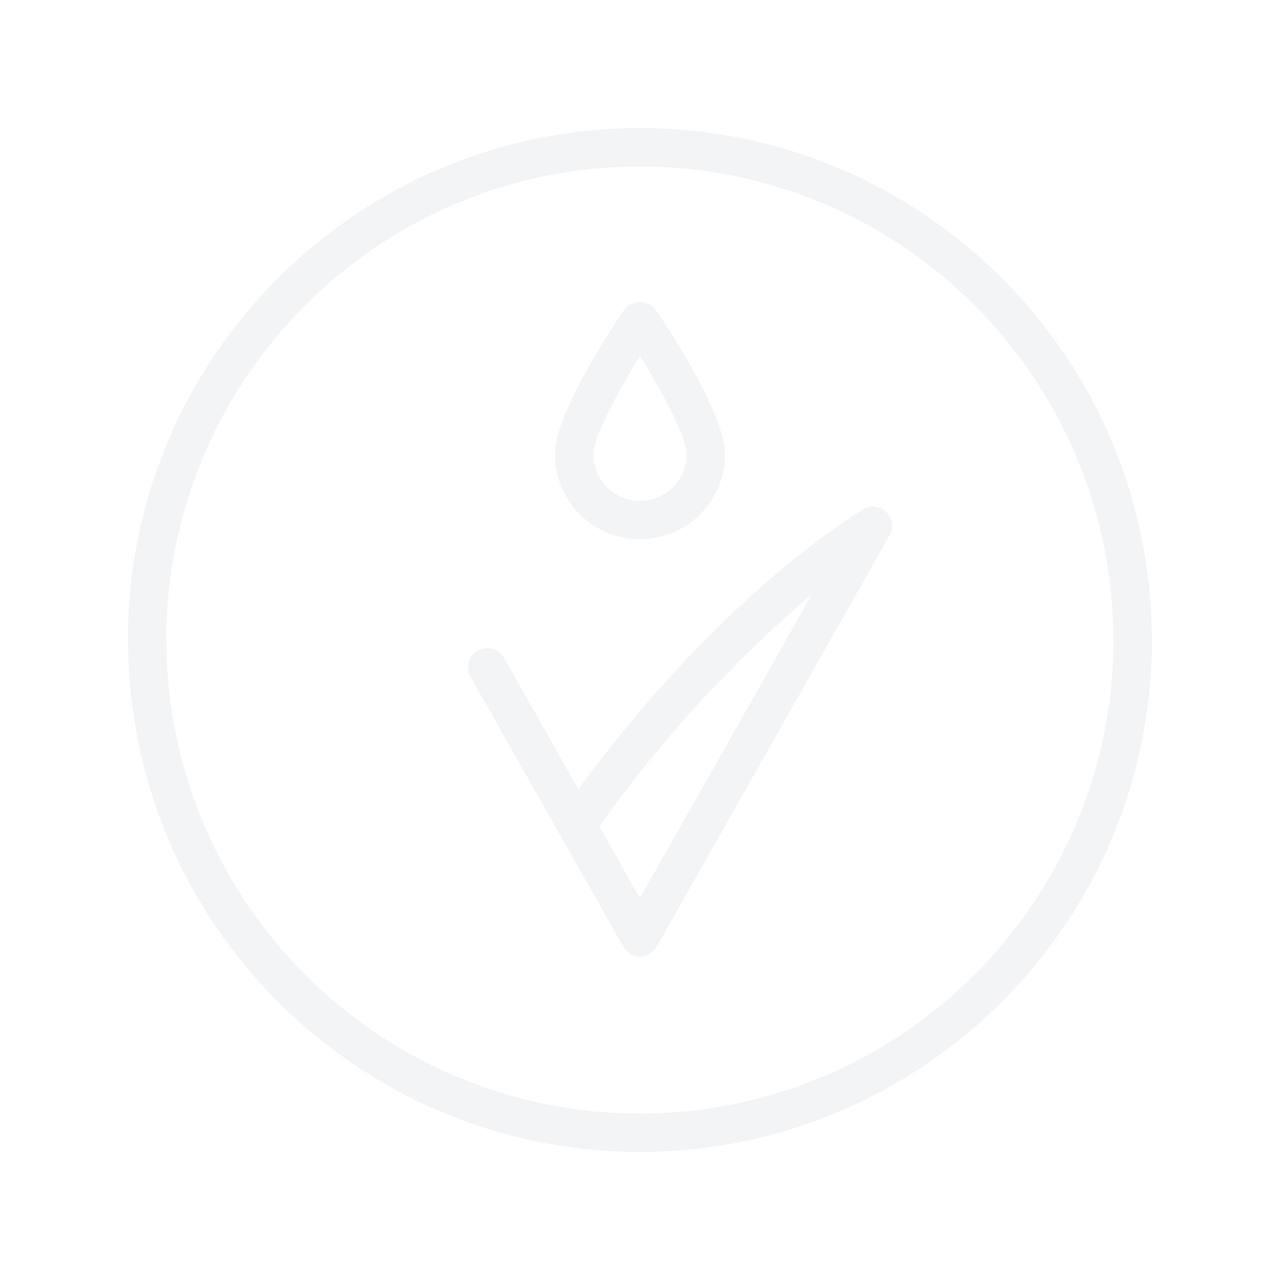 NATURA ESTONICA BIO Ginseng & Acai Eye Cream 20ml